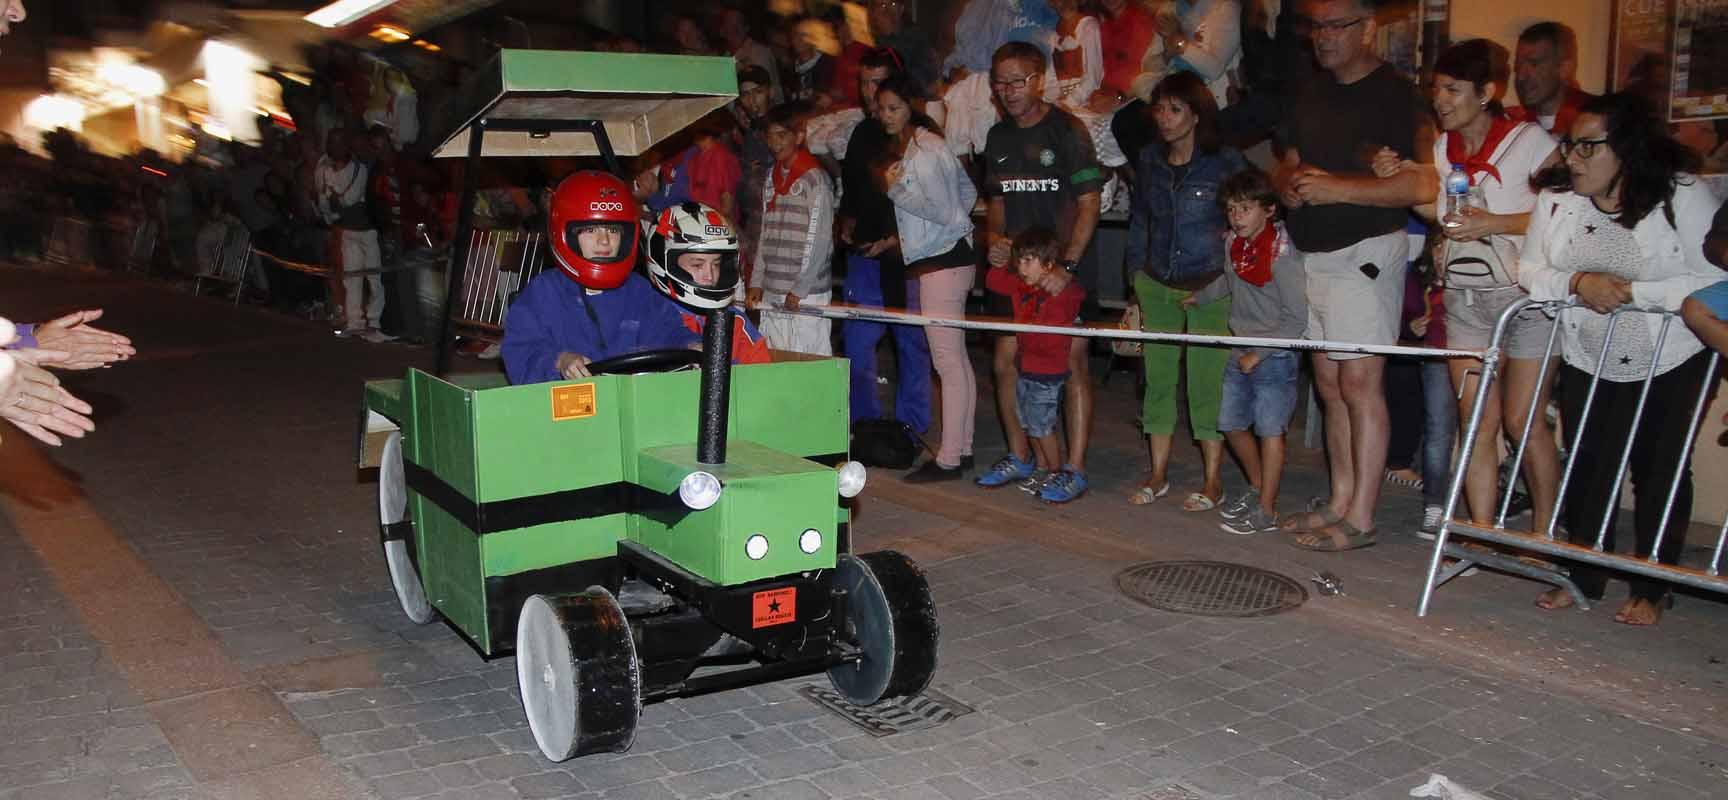 Uno de los vehículos participantes en la edición de 2013 del concurso.